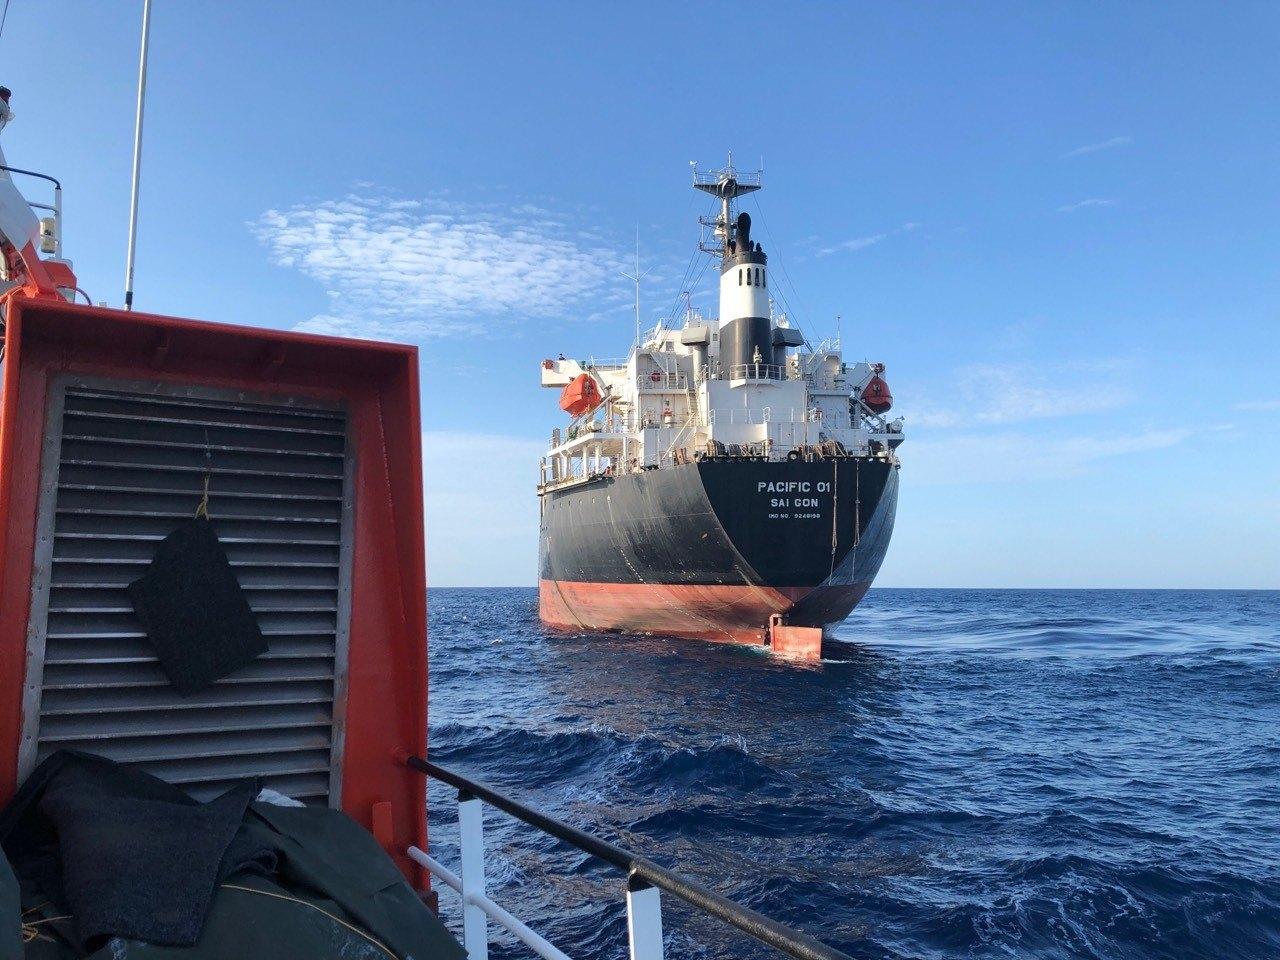 Điều robot lặn tìm kiếm thuyền viên mất tích trong vụ chìm tàu ở Hải Phòng - 1